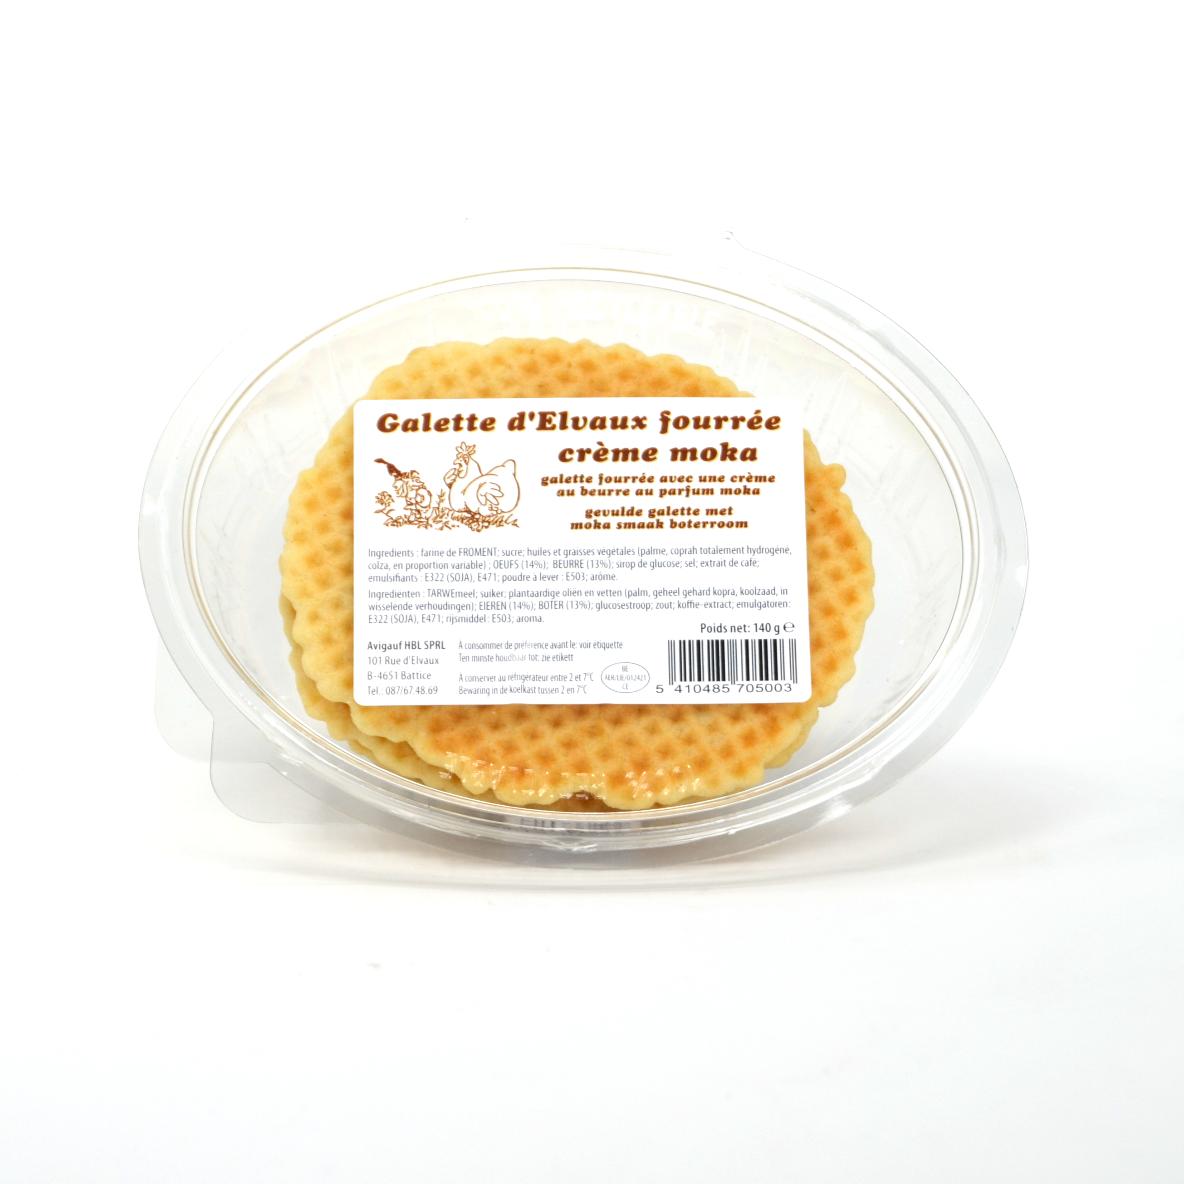 Galettes fourrées moka 2p - ajouter crème